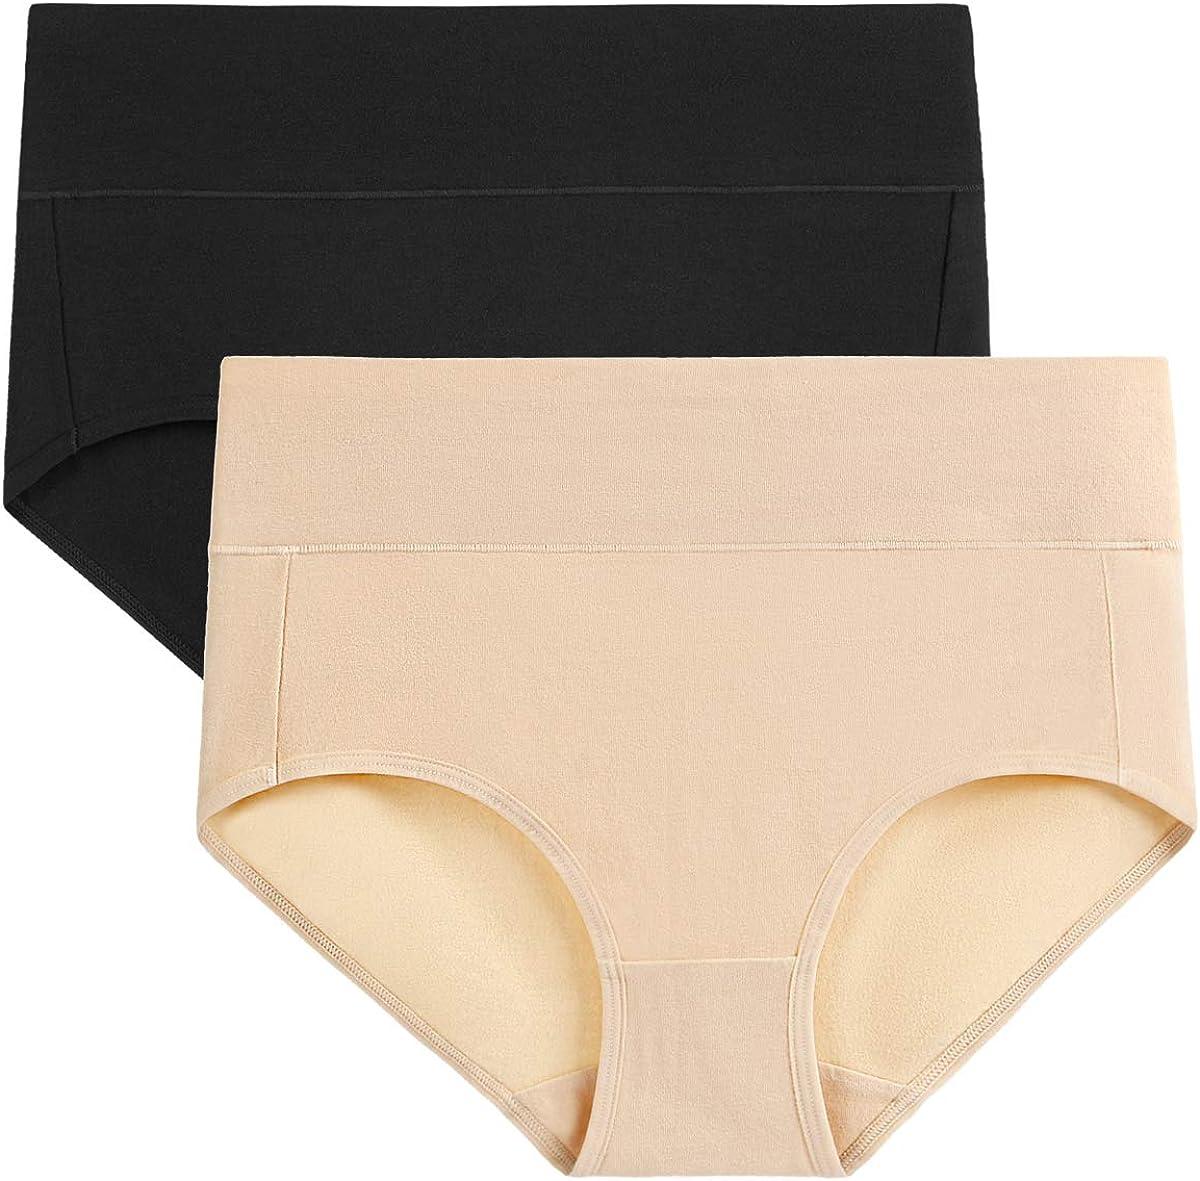 wirarpa Damen Unterhosen Baumwolle Slip Damen High Waist Taillenslip Wochenbett Unterwäsche Kaiserschnitt Unterhose Mehrpack